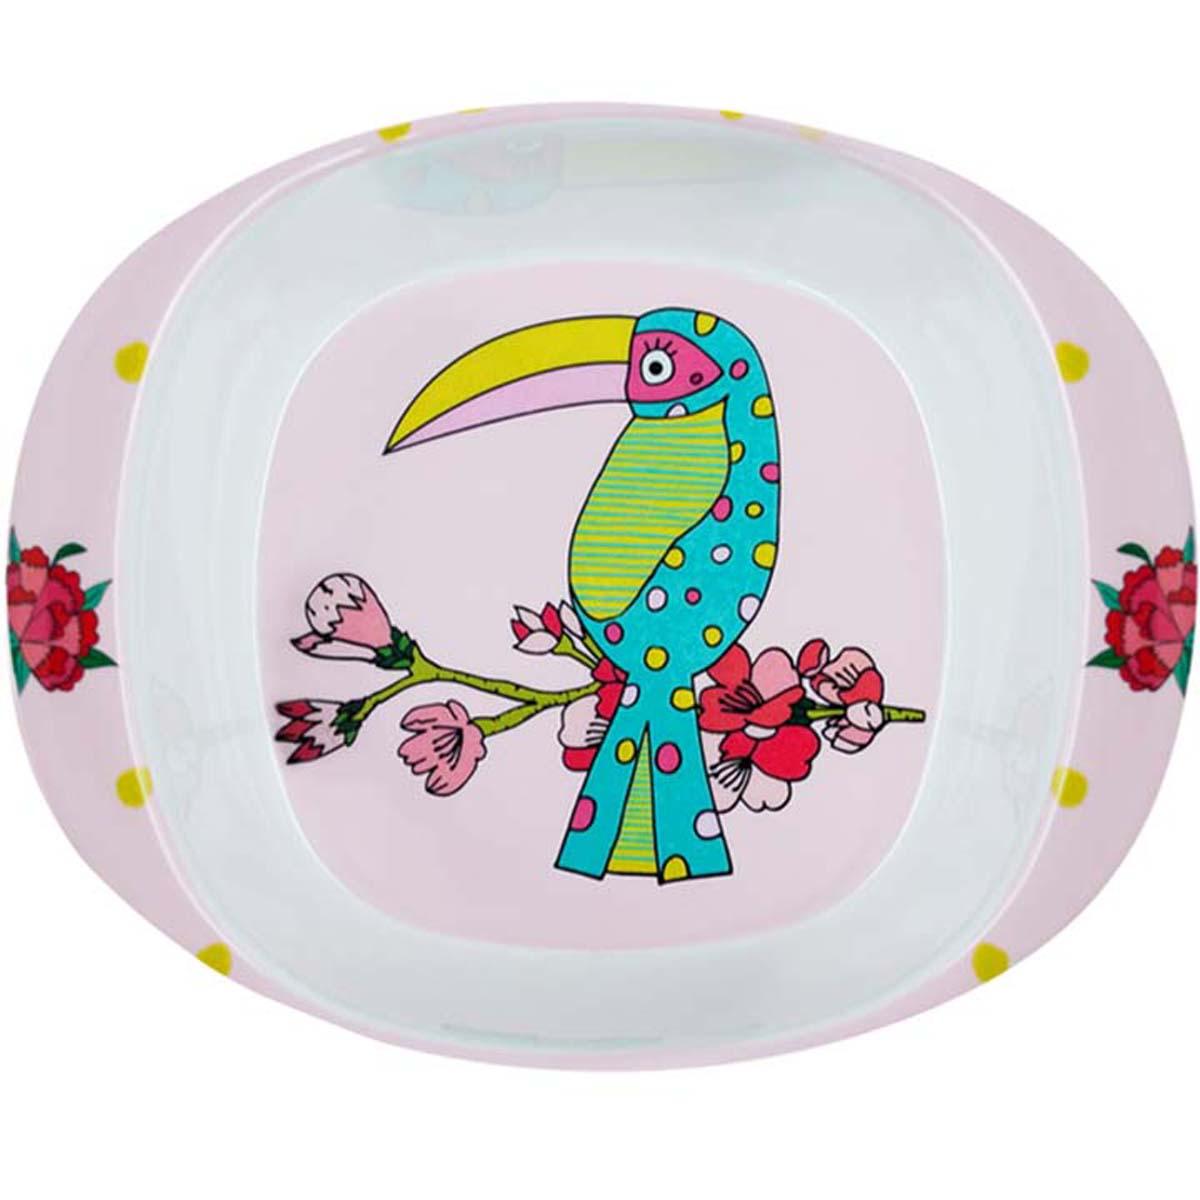 Assiette bébé mélamine \'Saperlipopette\' rose vert (toucan) - 165x135x42 cm - [R0646]